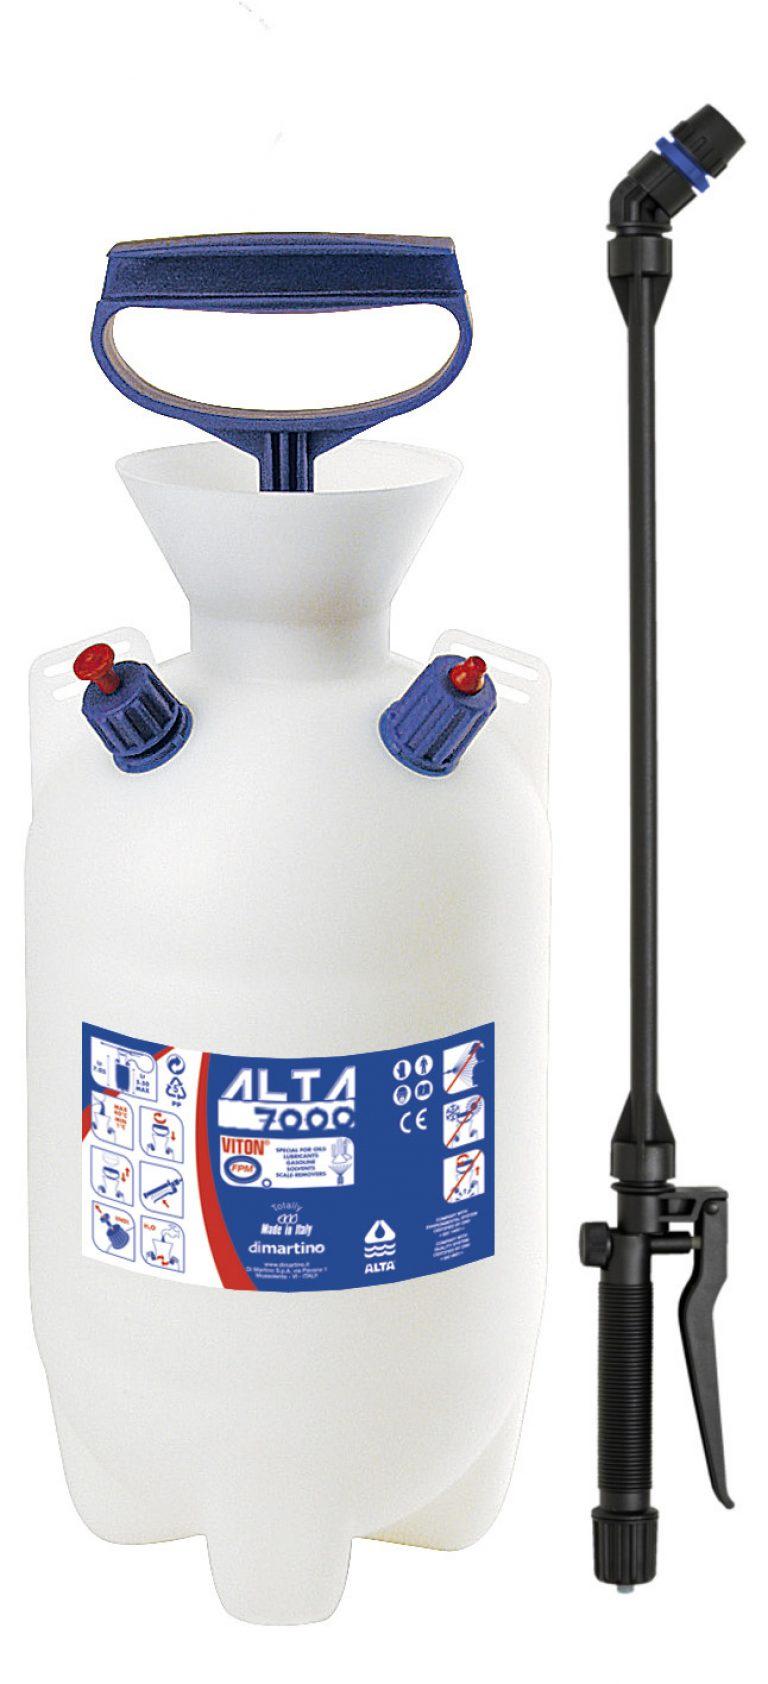 Распылитель кислот, масел и других агрессивных жидкостей Di Martino Alta 7000 Viton 7л